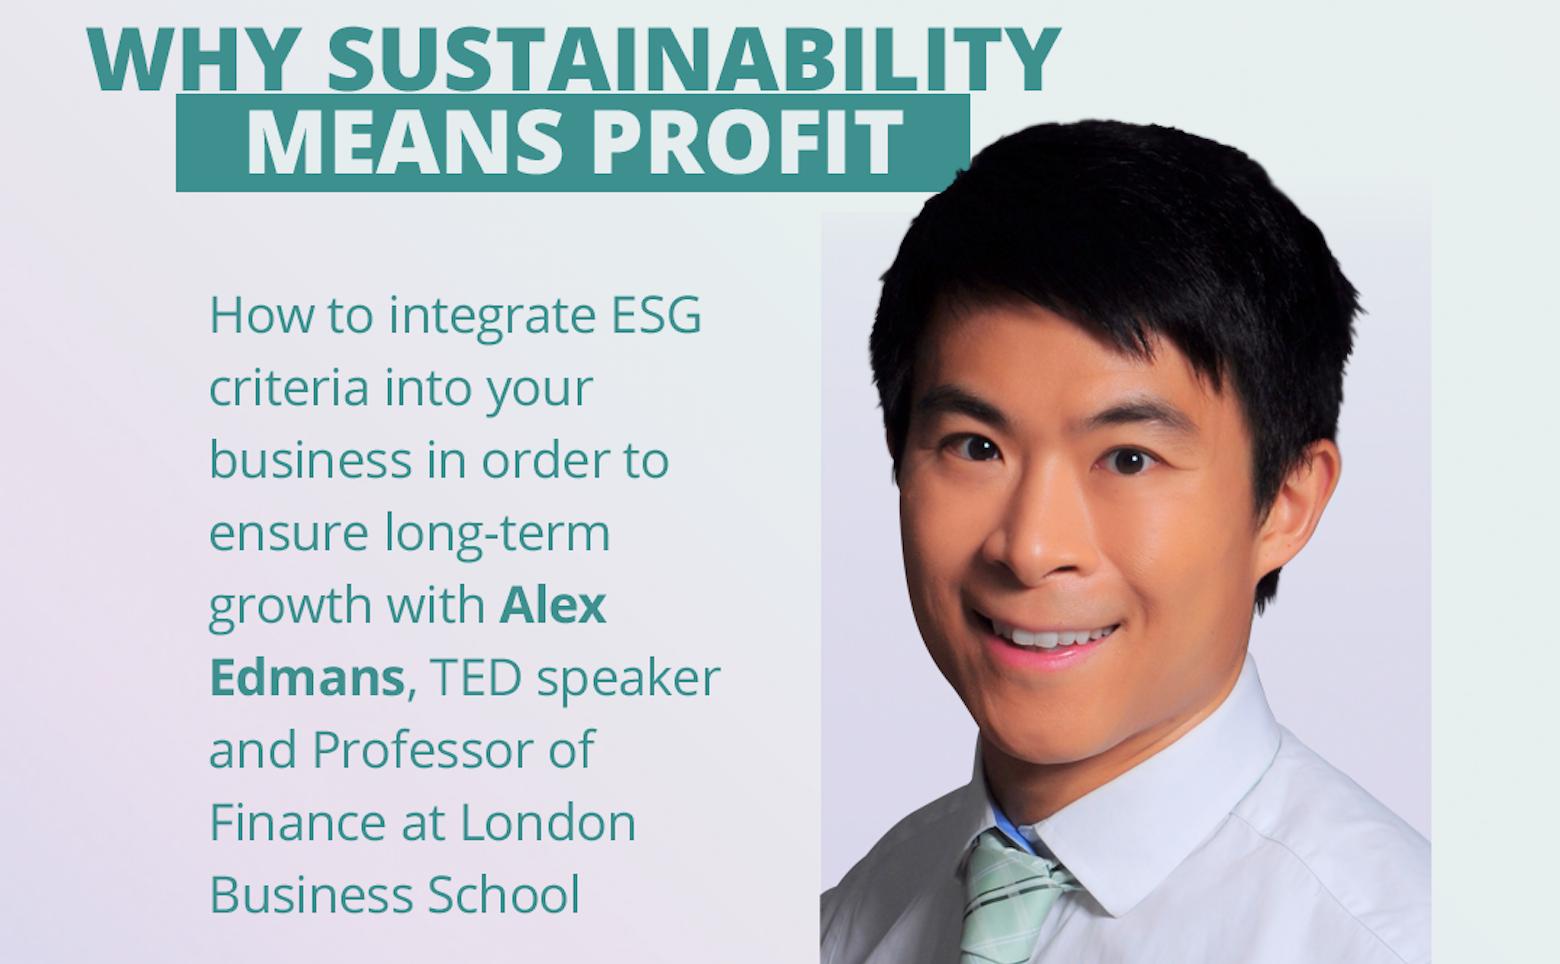 Why Sustainability Means Profit Alex Edmans